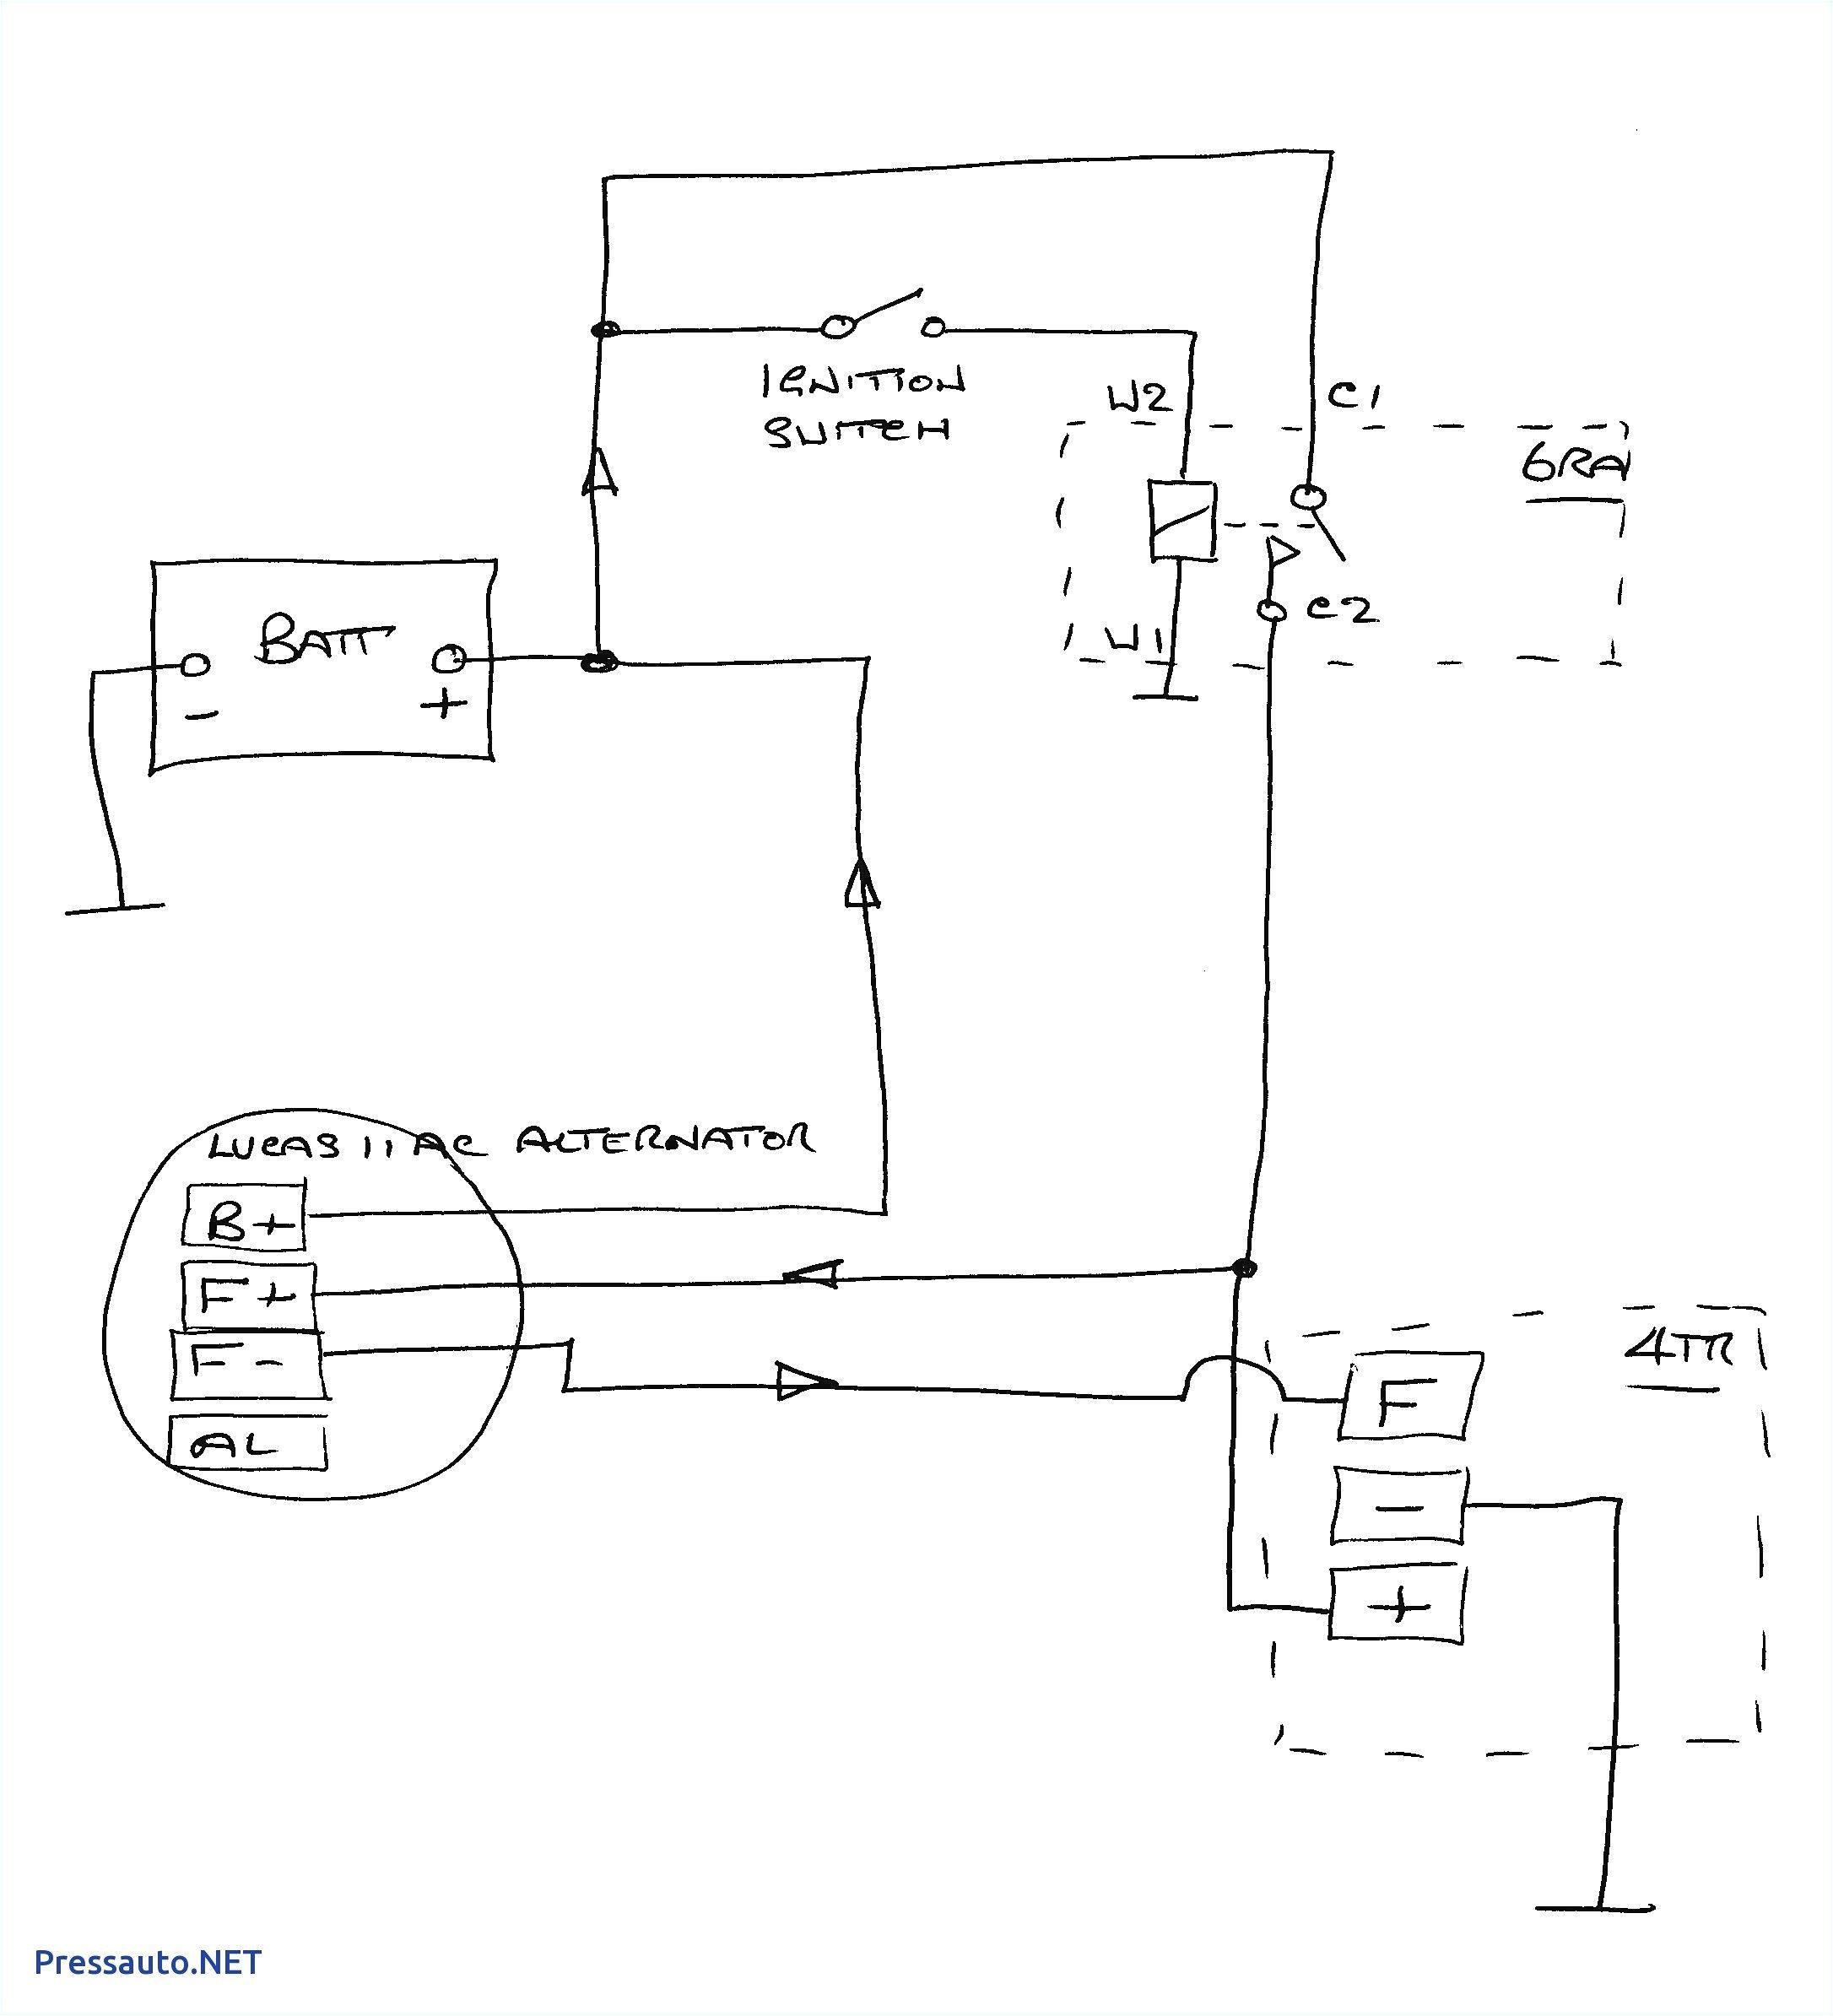 93 ford mustang alternator wiring diagram free picture wiring alternator wiring schematic free download wiring diagram